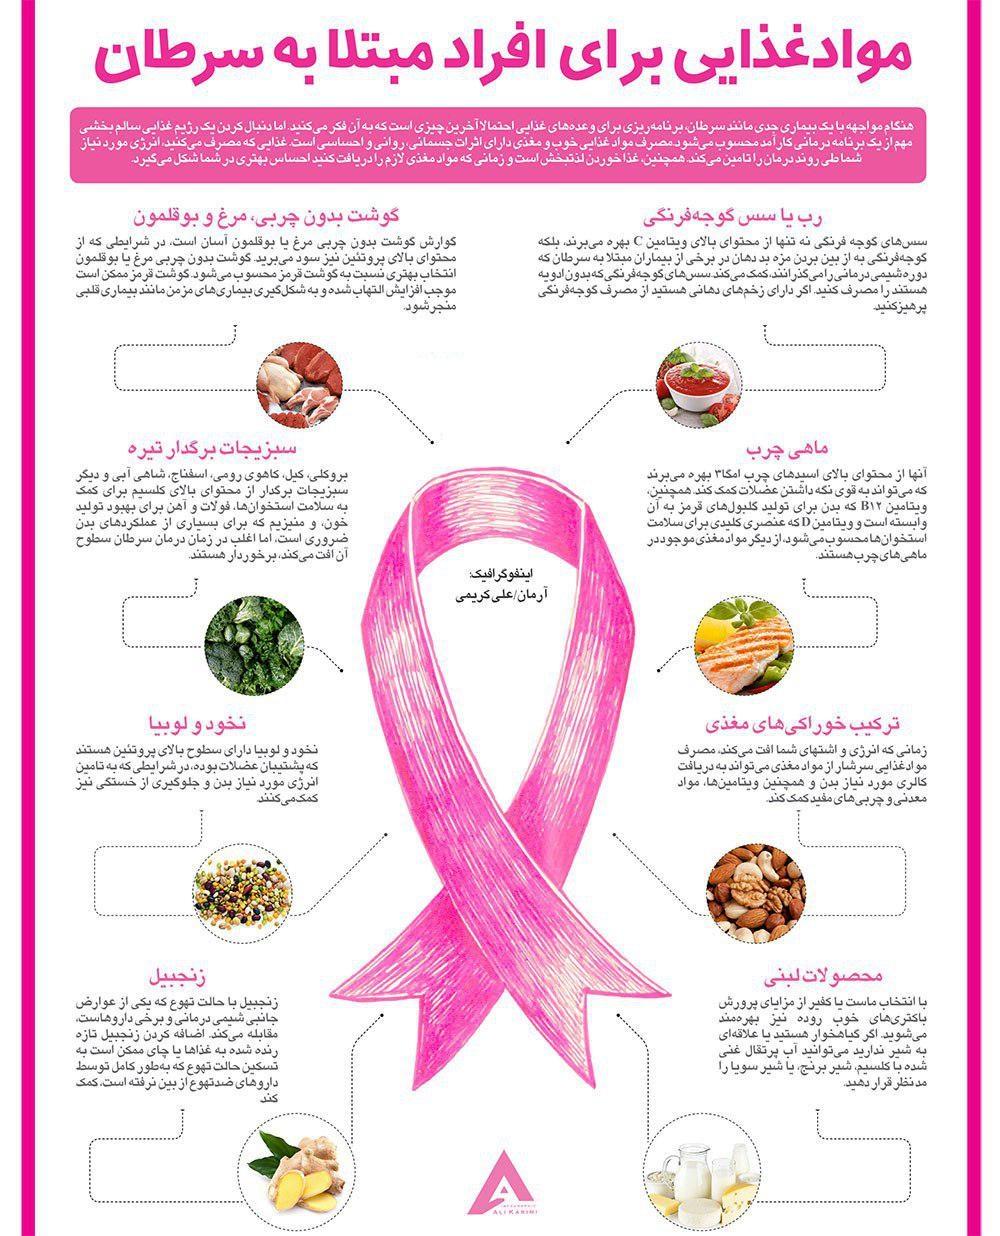 رژیم غذایی مقوی برای بیماران سرطانی + اینفوگرافیک